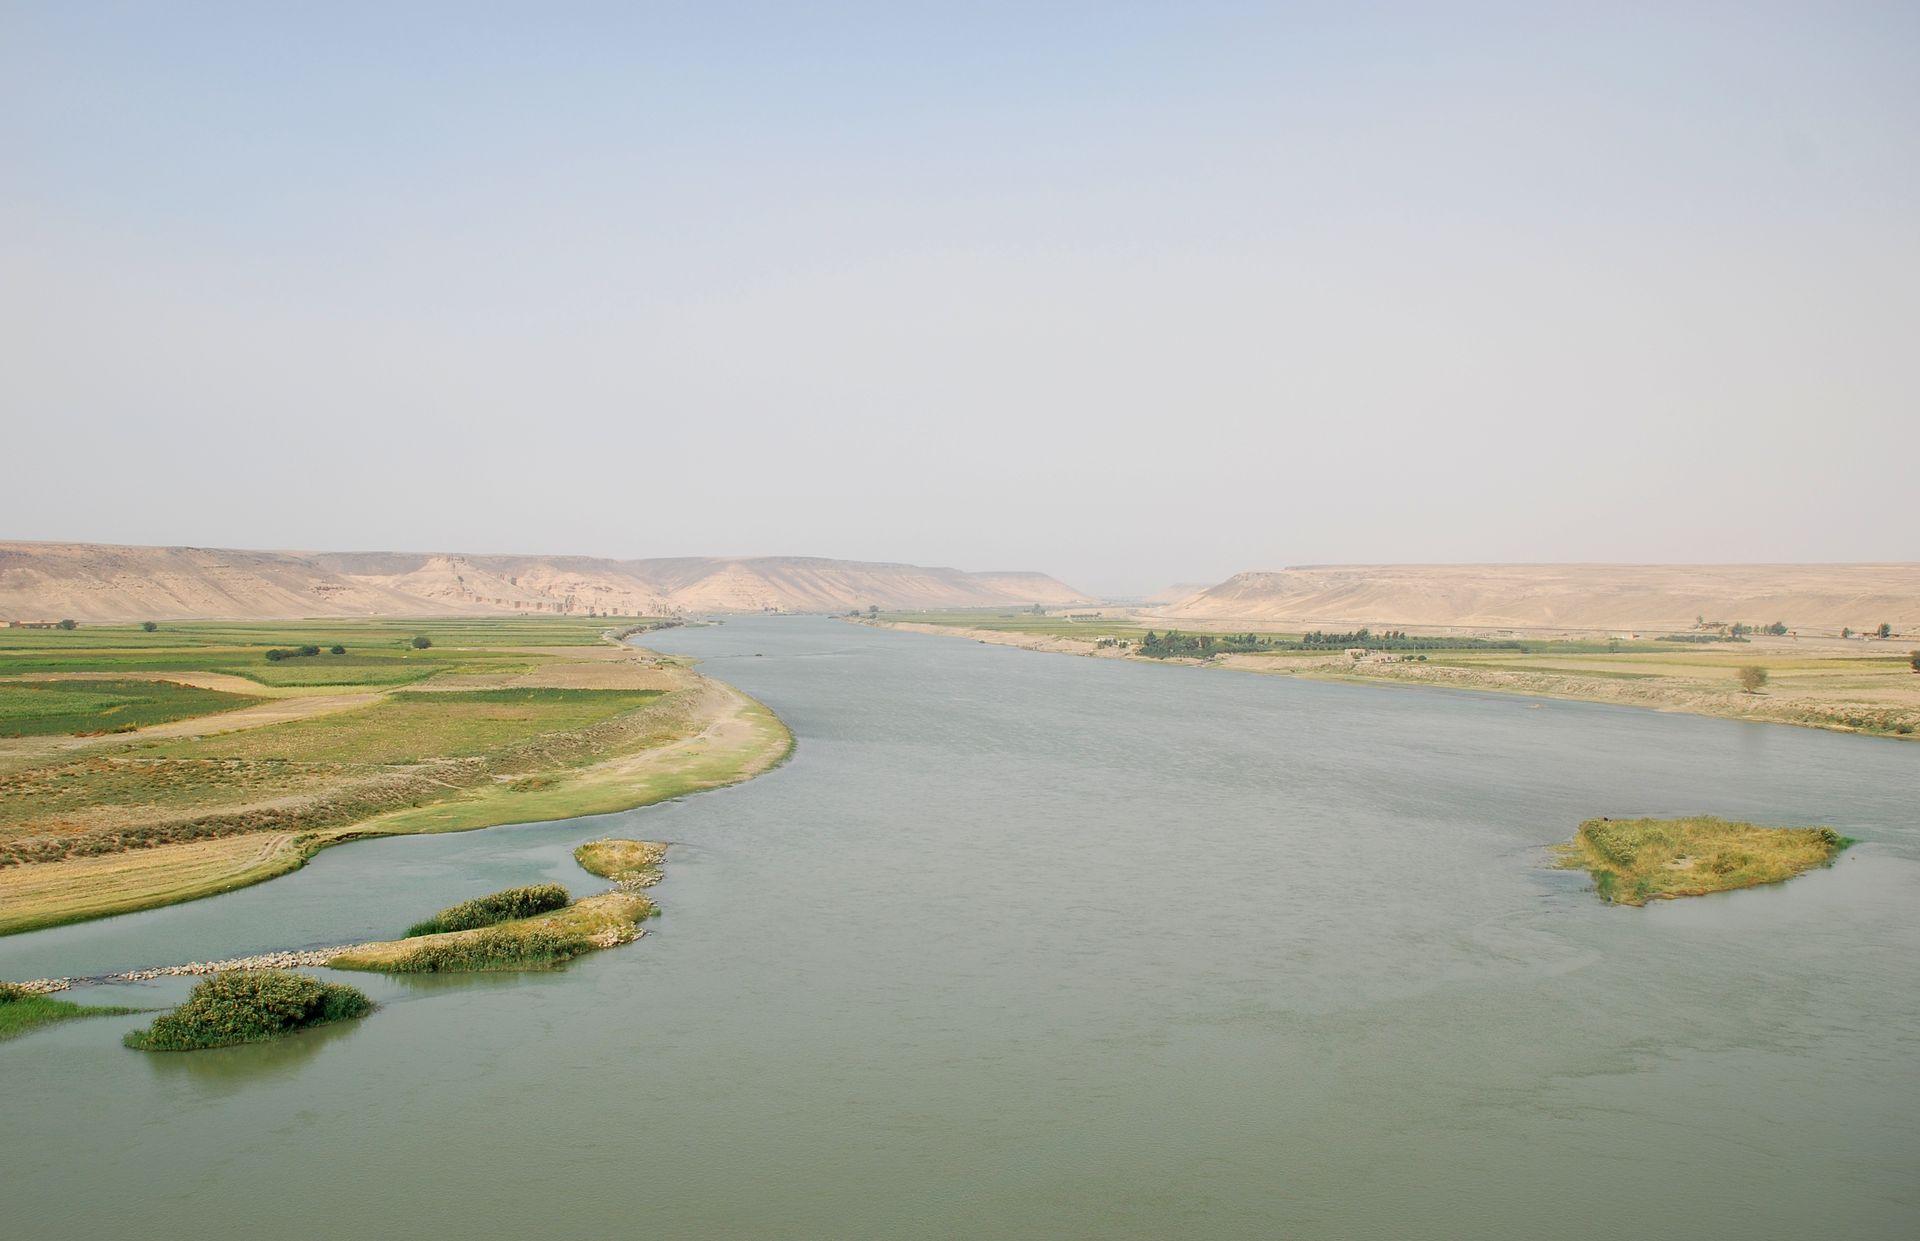 干涸的大河:土耳其与叙利亚的幼发拉底河水资源之争